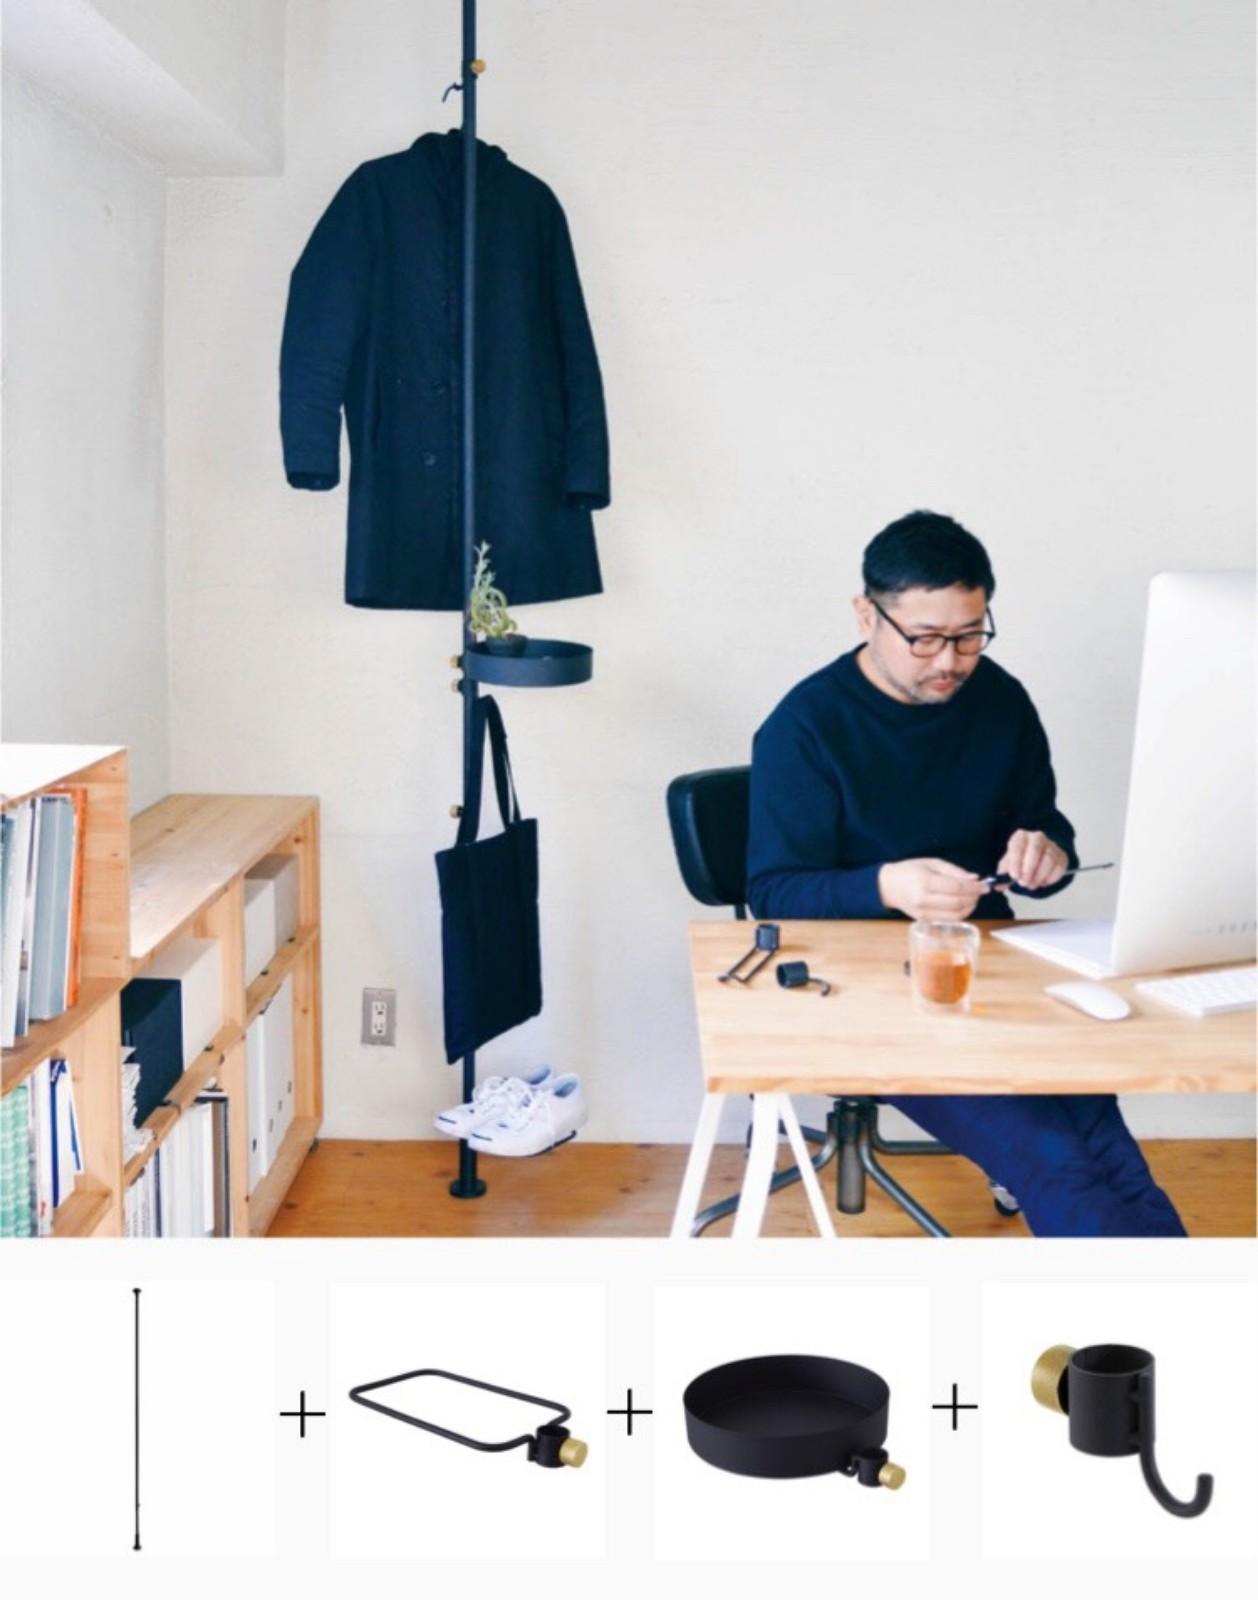 『平安伸銅工業』のDRAW A LINEシリーズは、お部屋にひとつ、つい取り入れたくなってしまうナイスデザイン。工夫次第で何通りにも組み合わせられます(このアイテムはこちら)